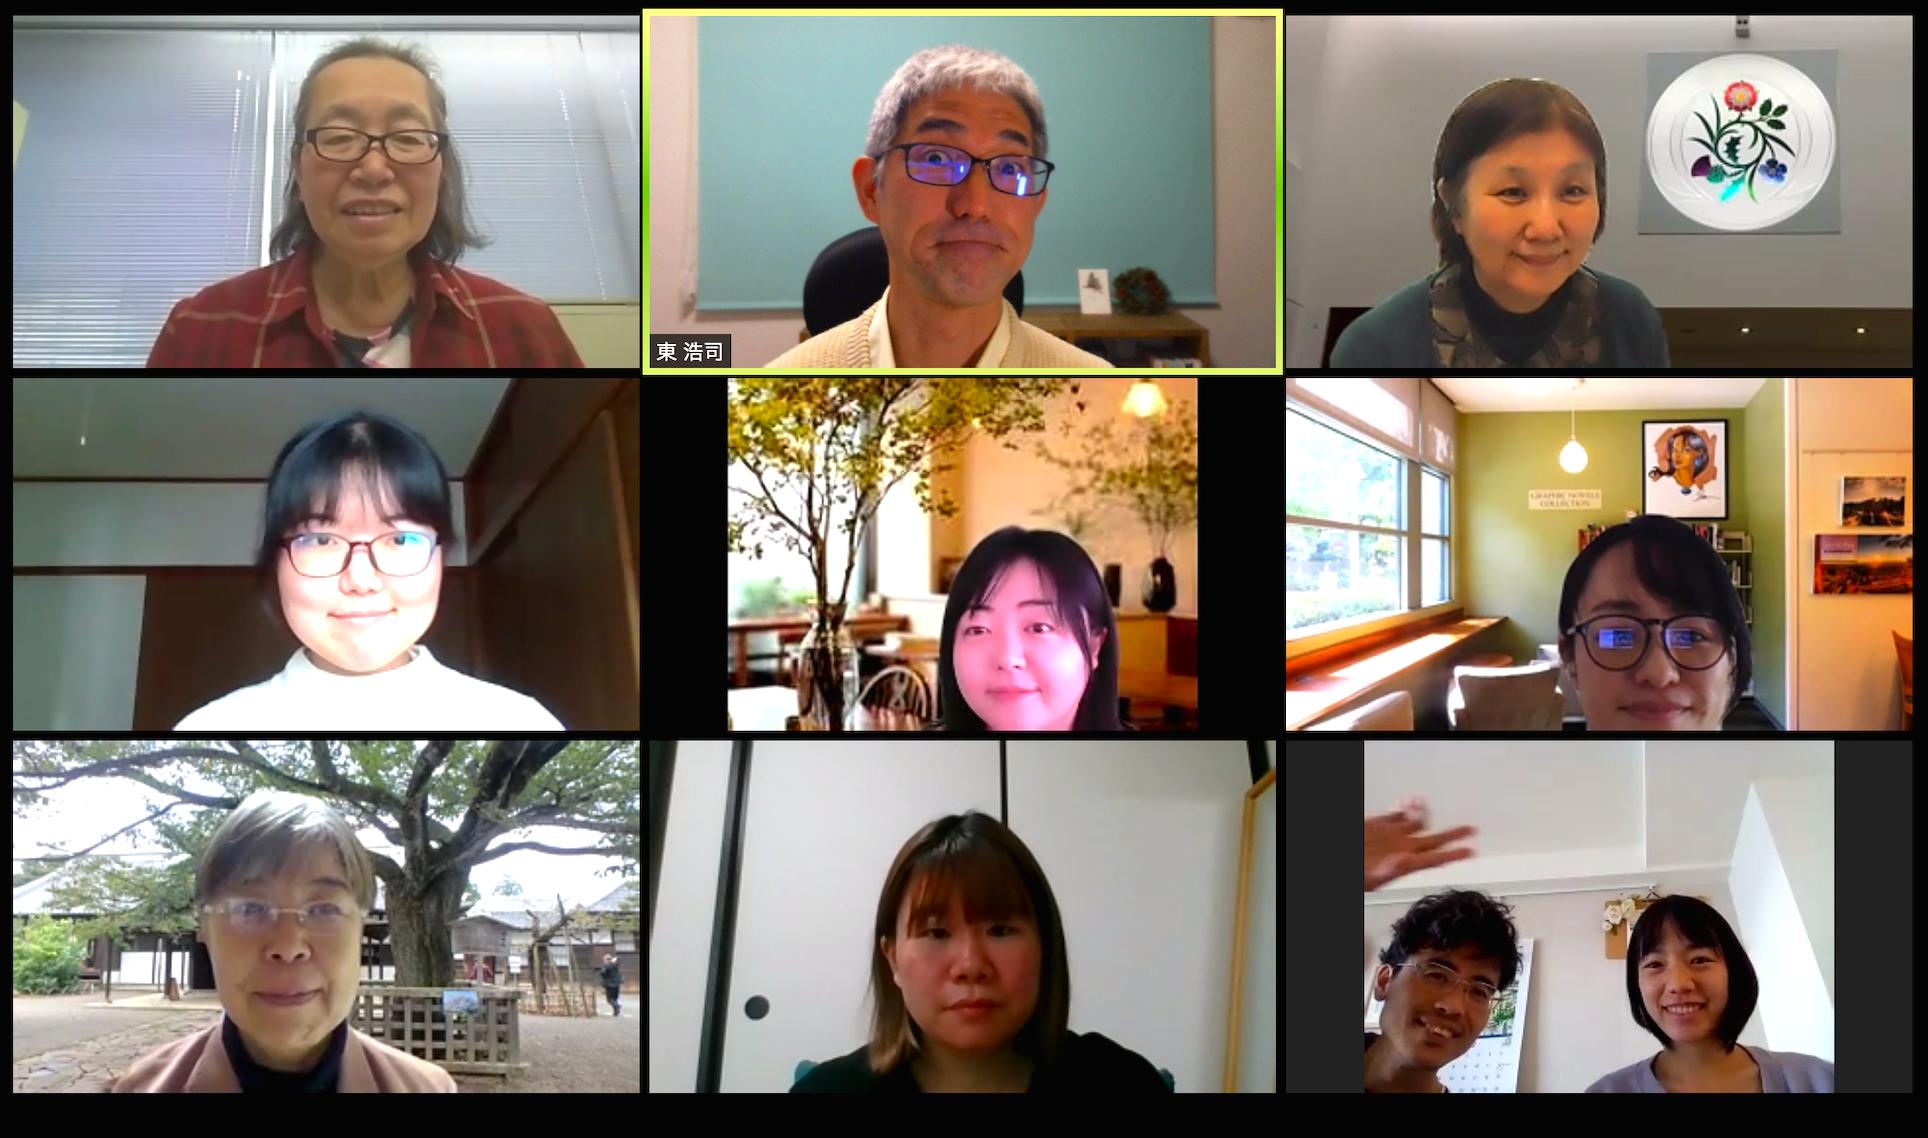 神奈川大学男女共同参画推進室主催「ジェンダーとキャリア」でゲスト講義